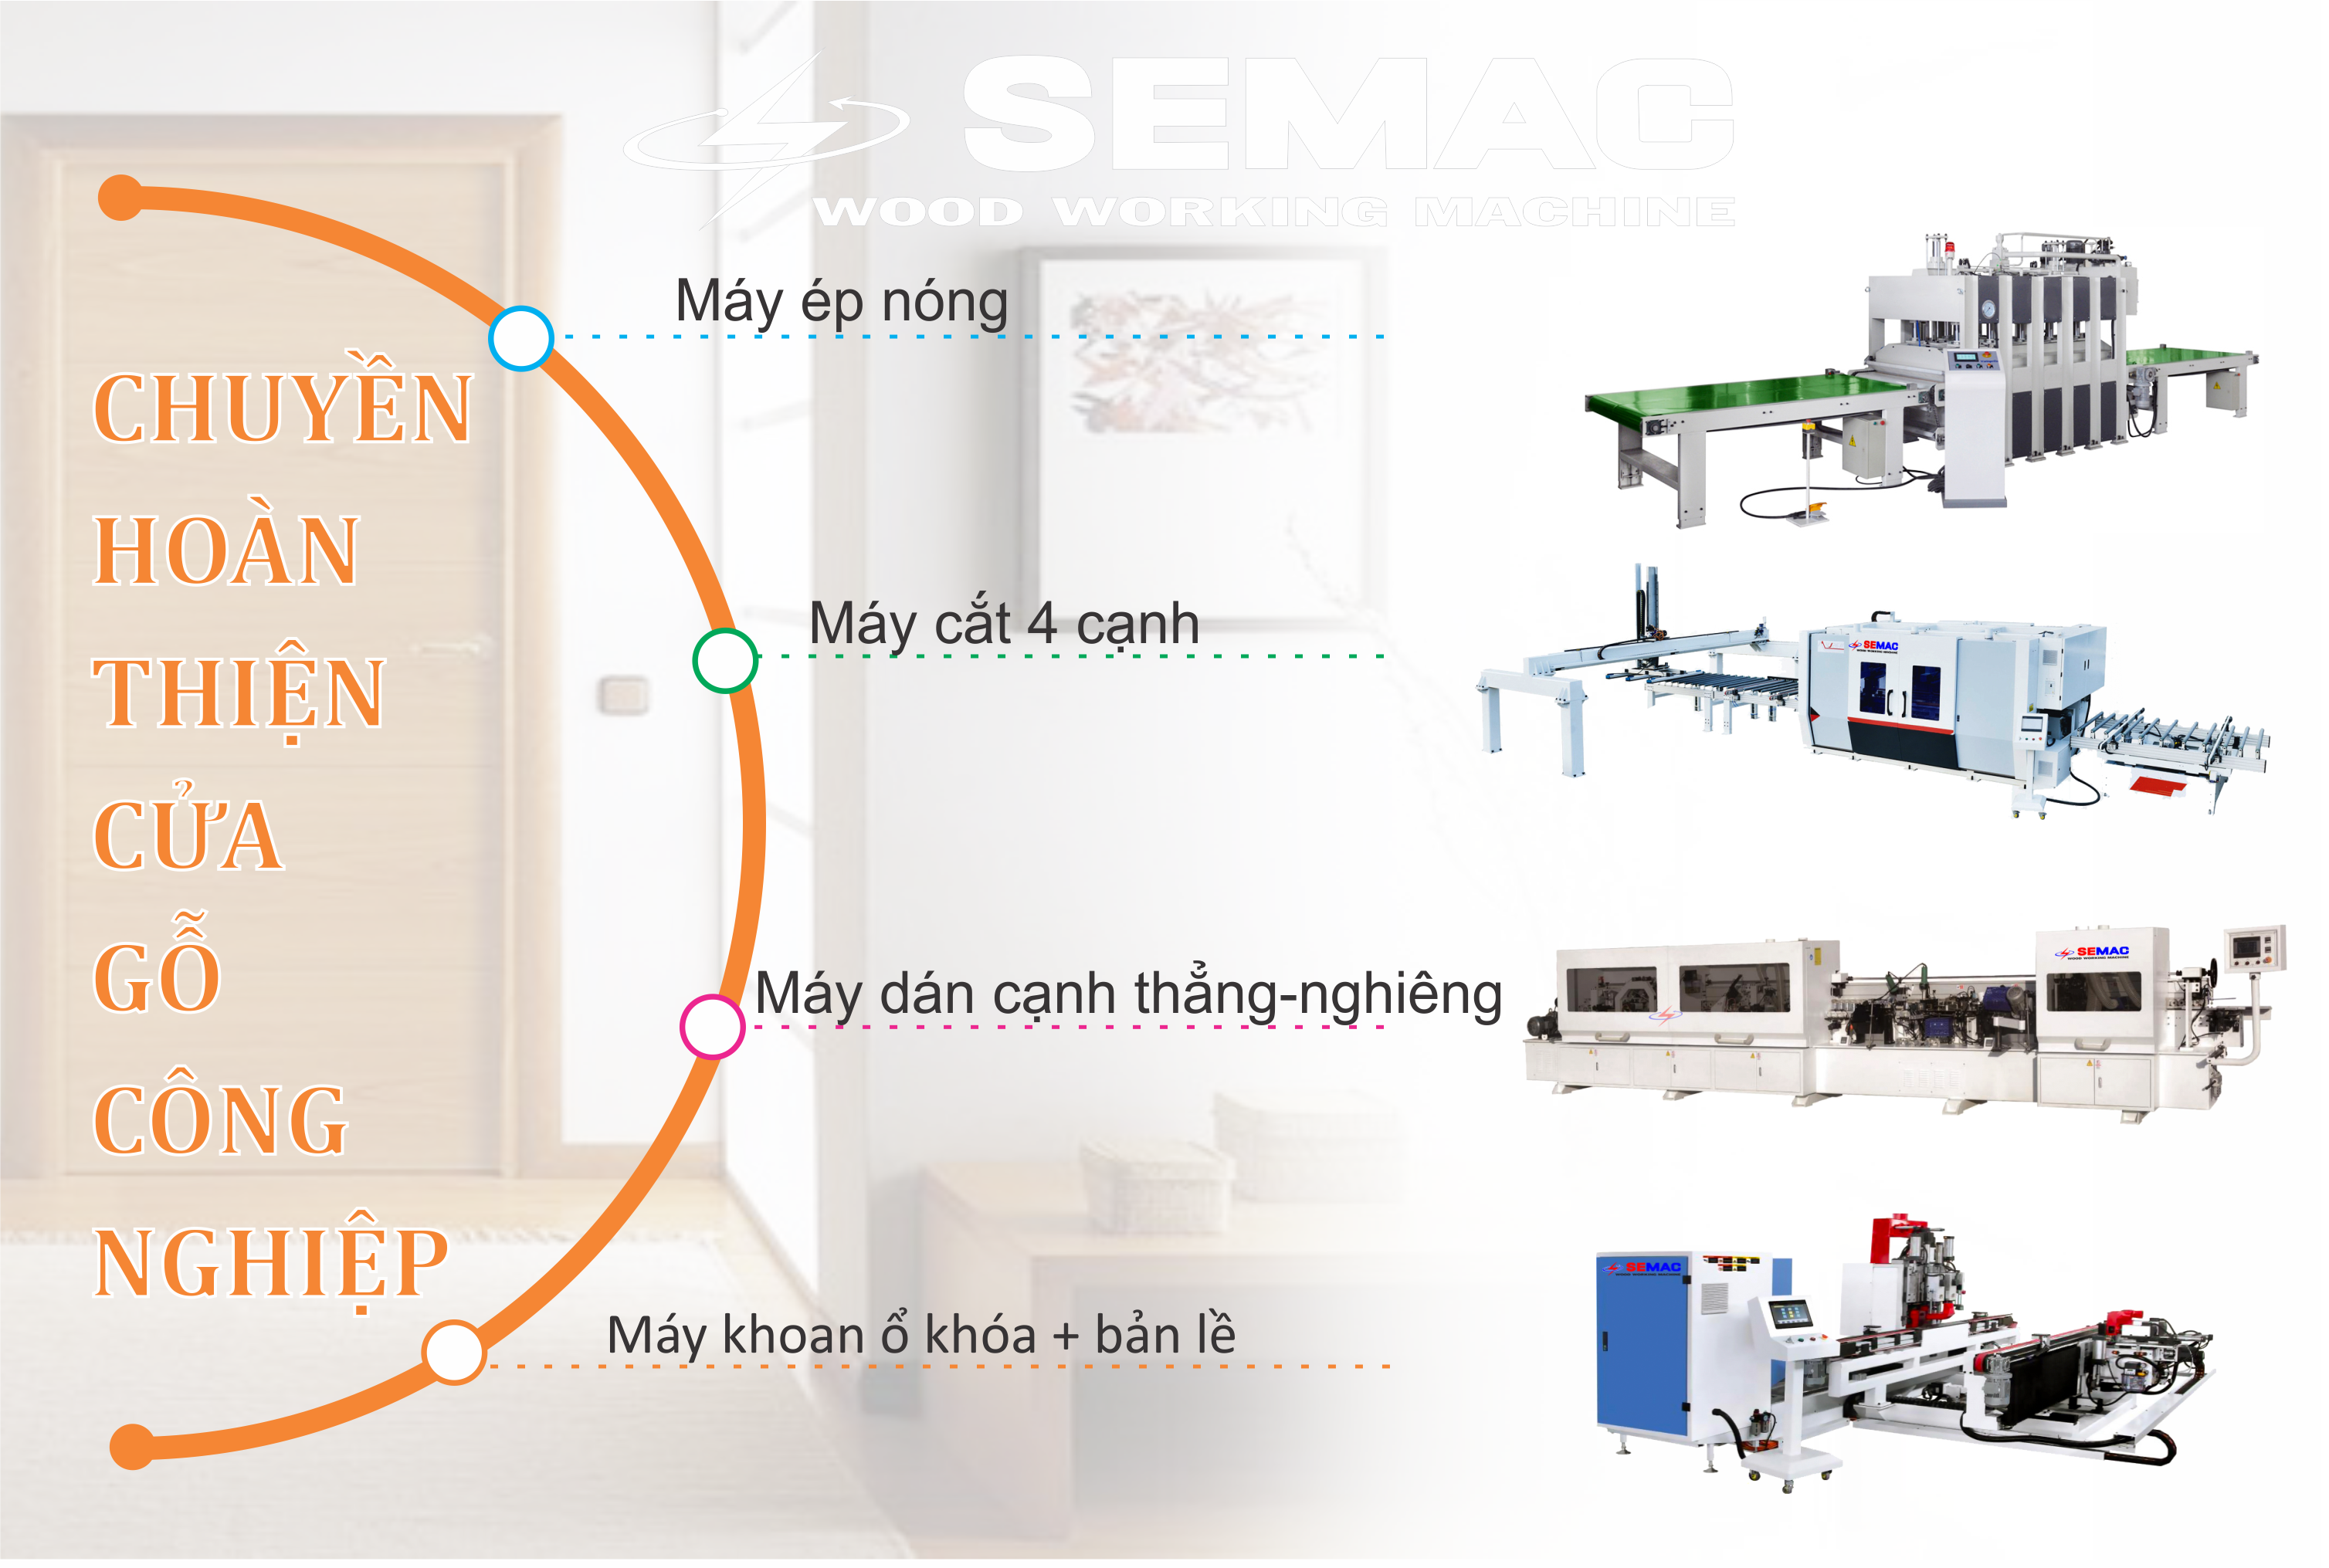 Chuyền máy Semac sản xuất cửa gỗ công nghiệp tự động hoàn toàn Chuyen-may-semac-san-xua-cua-go-cong-nghiep-eu-tu-dong-hoan-toan-4.0